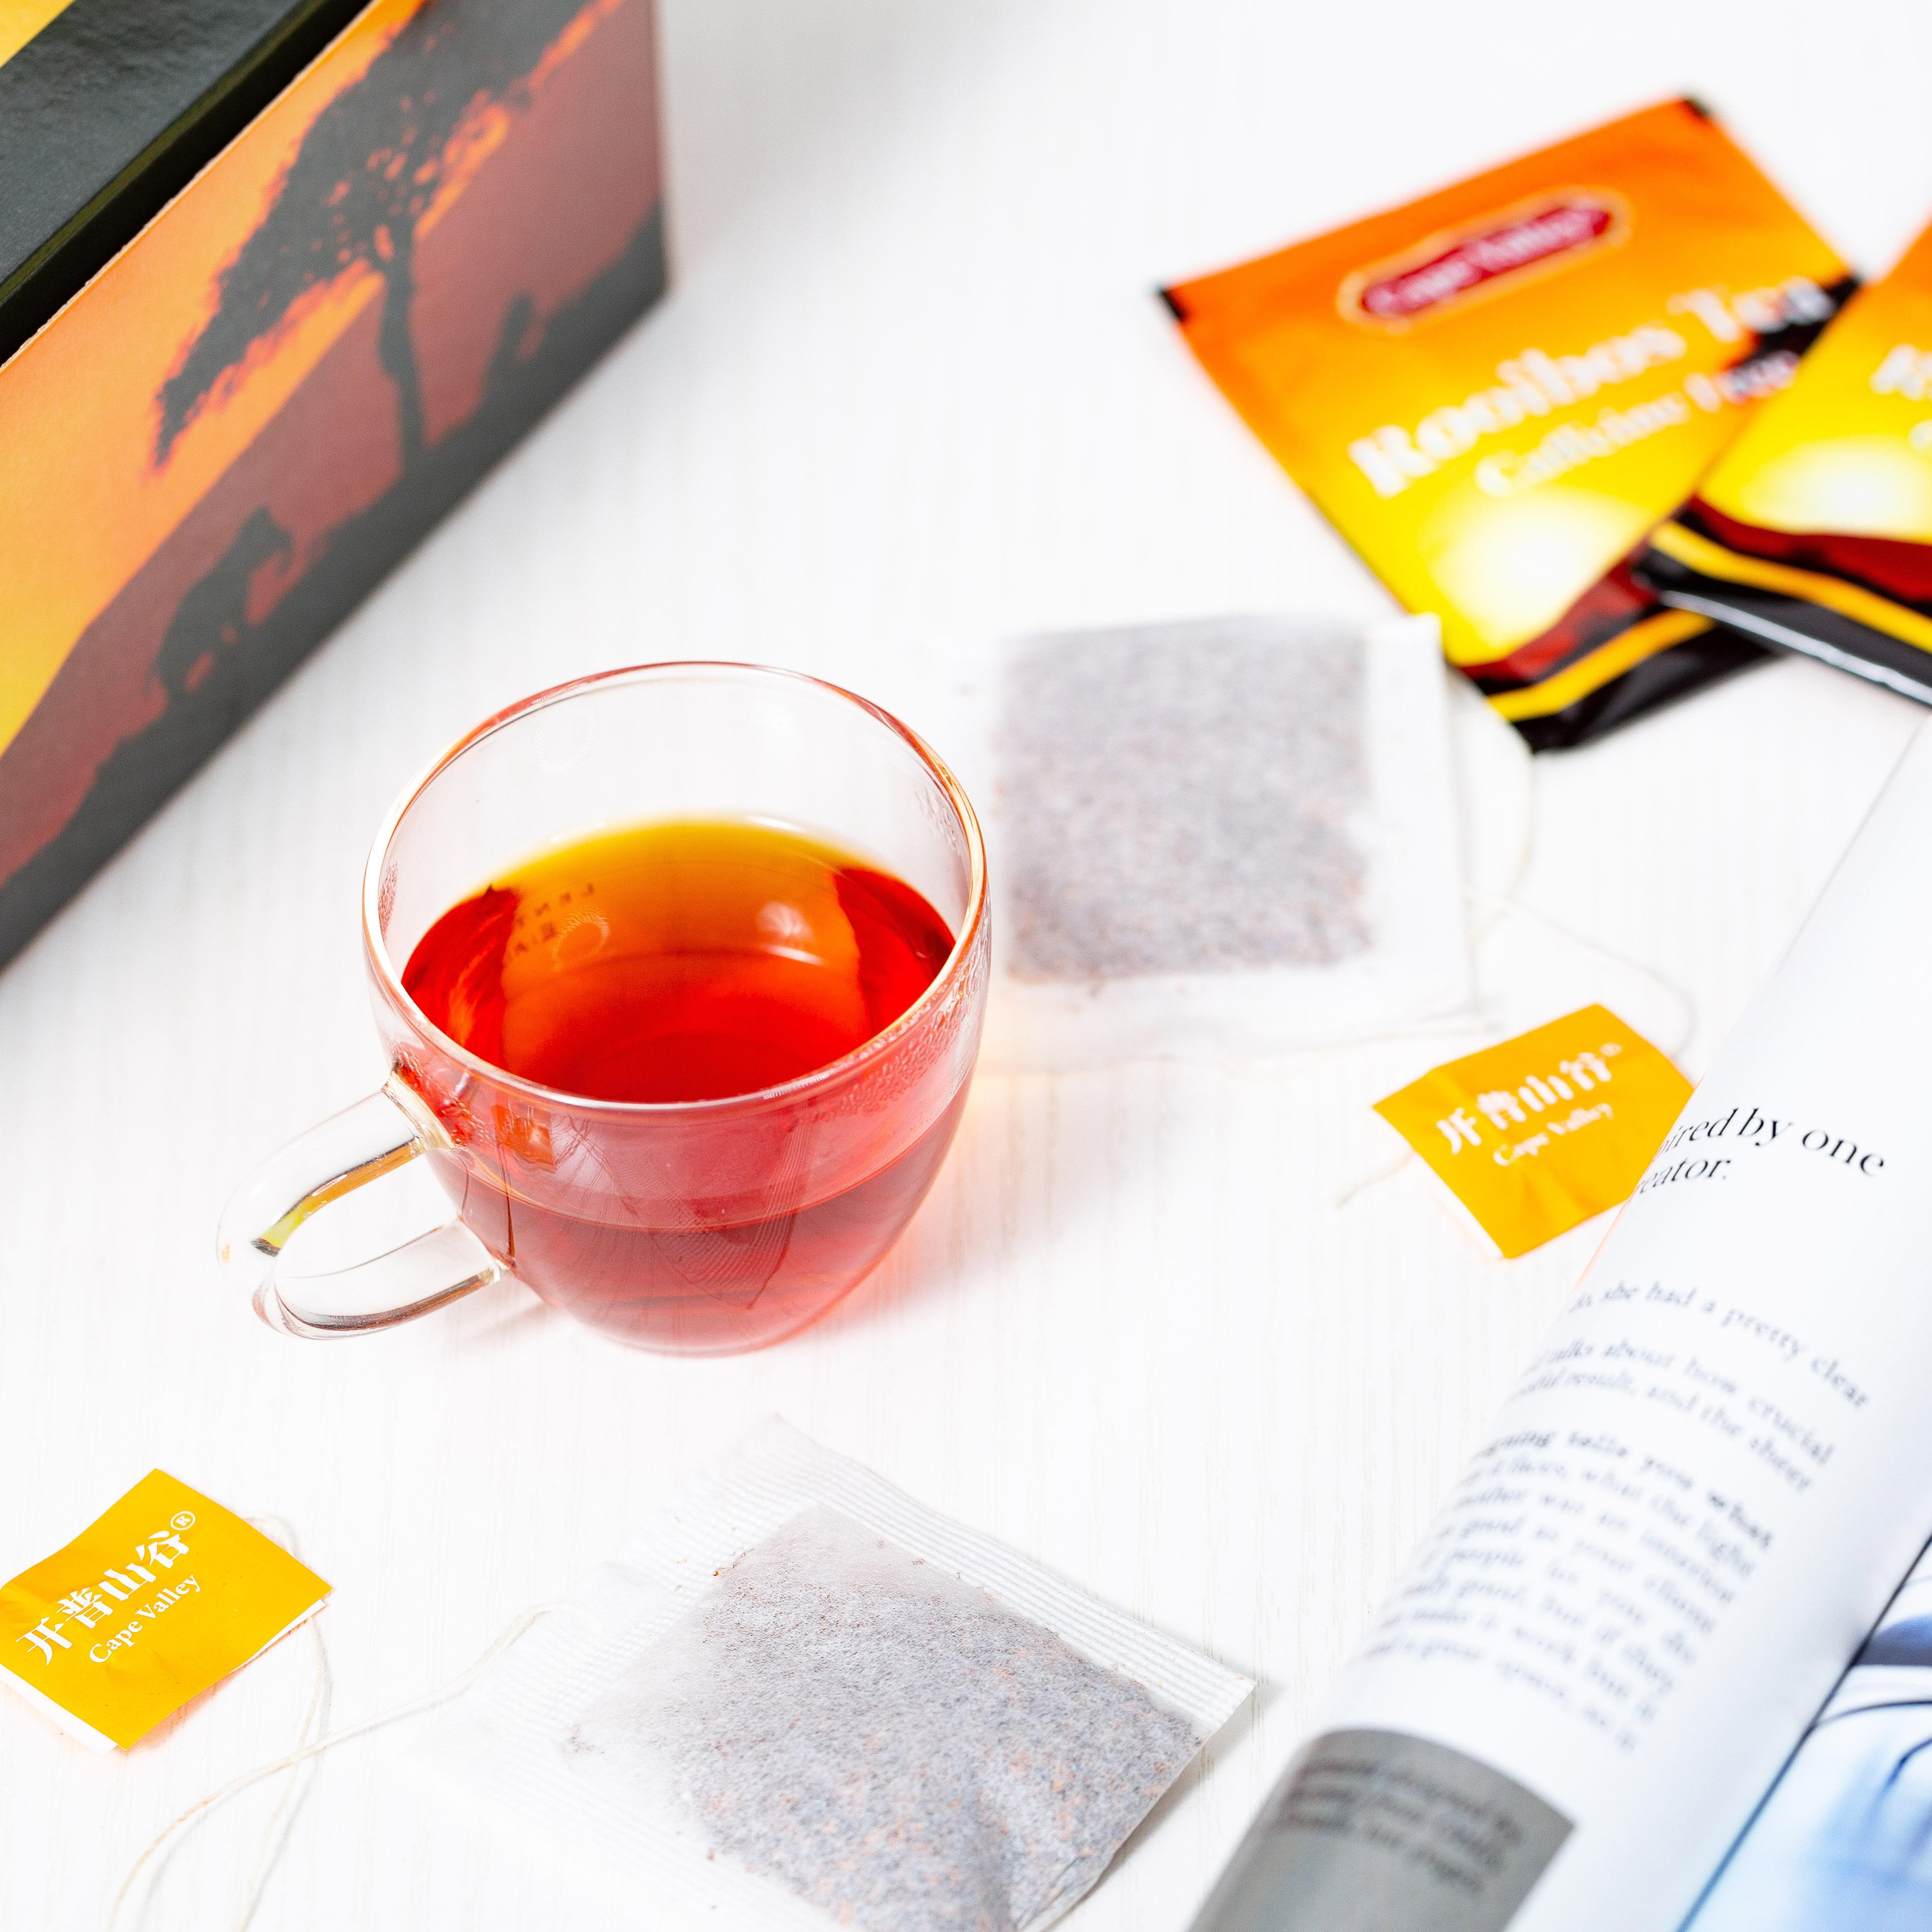 「可以喝的神仙水」开普山谷南非博士茶 Rooibos路易波士国宝红茶无咖啡因 美容养颜  0卡路里 无糖分  孕妇可喝100袋/盒 商品图9